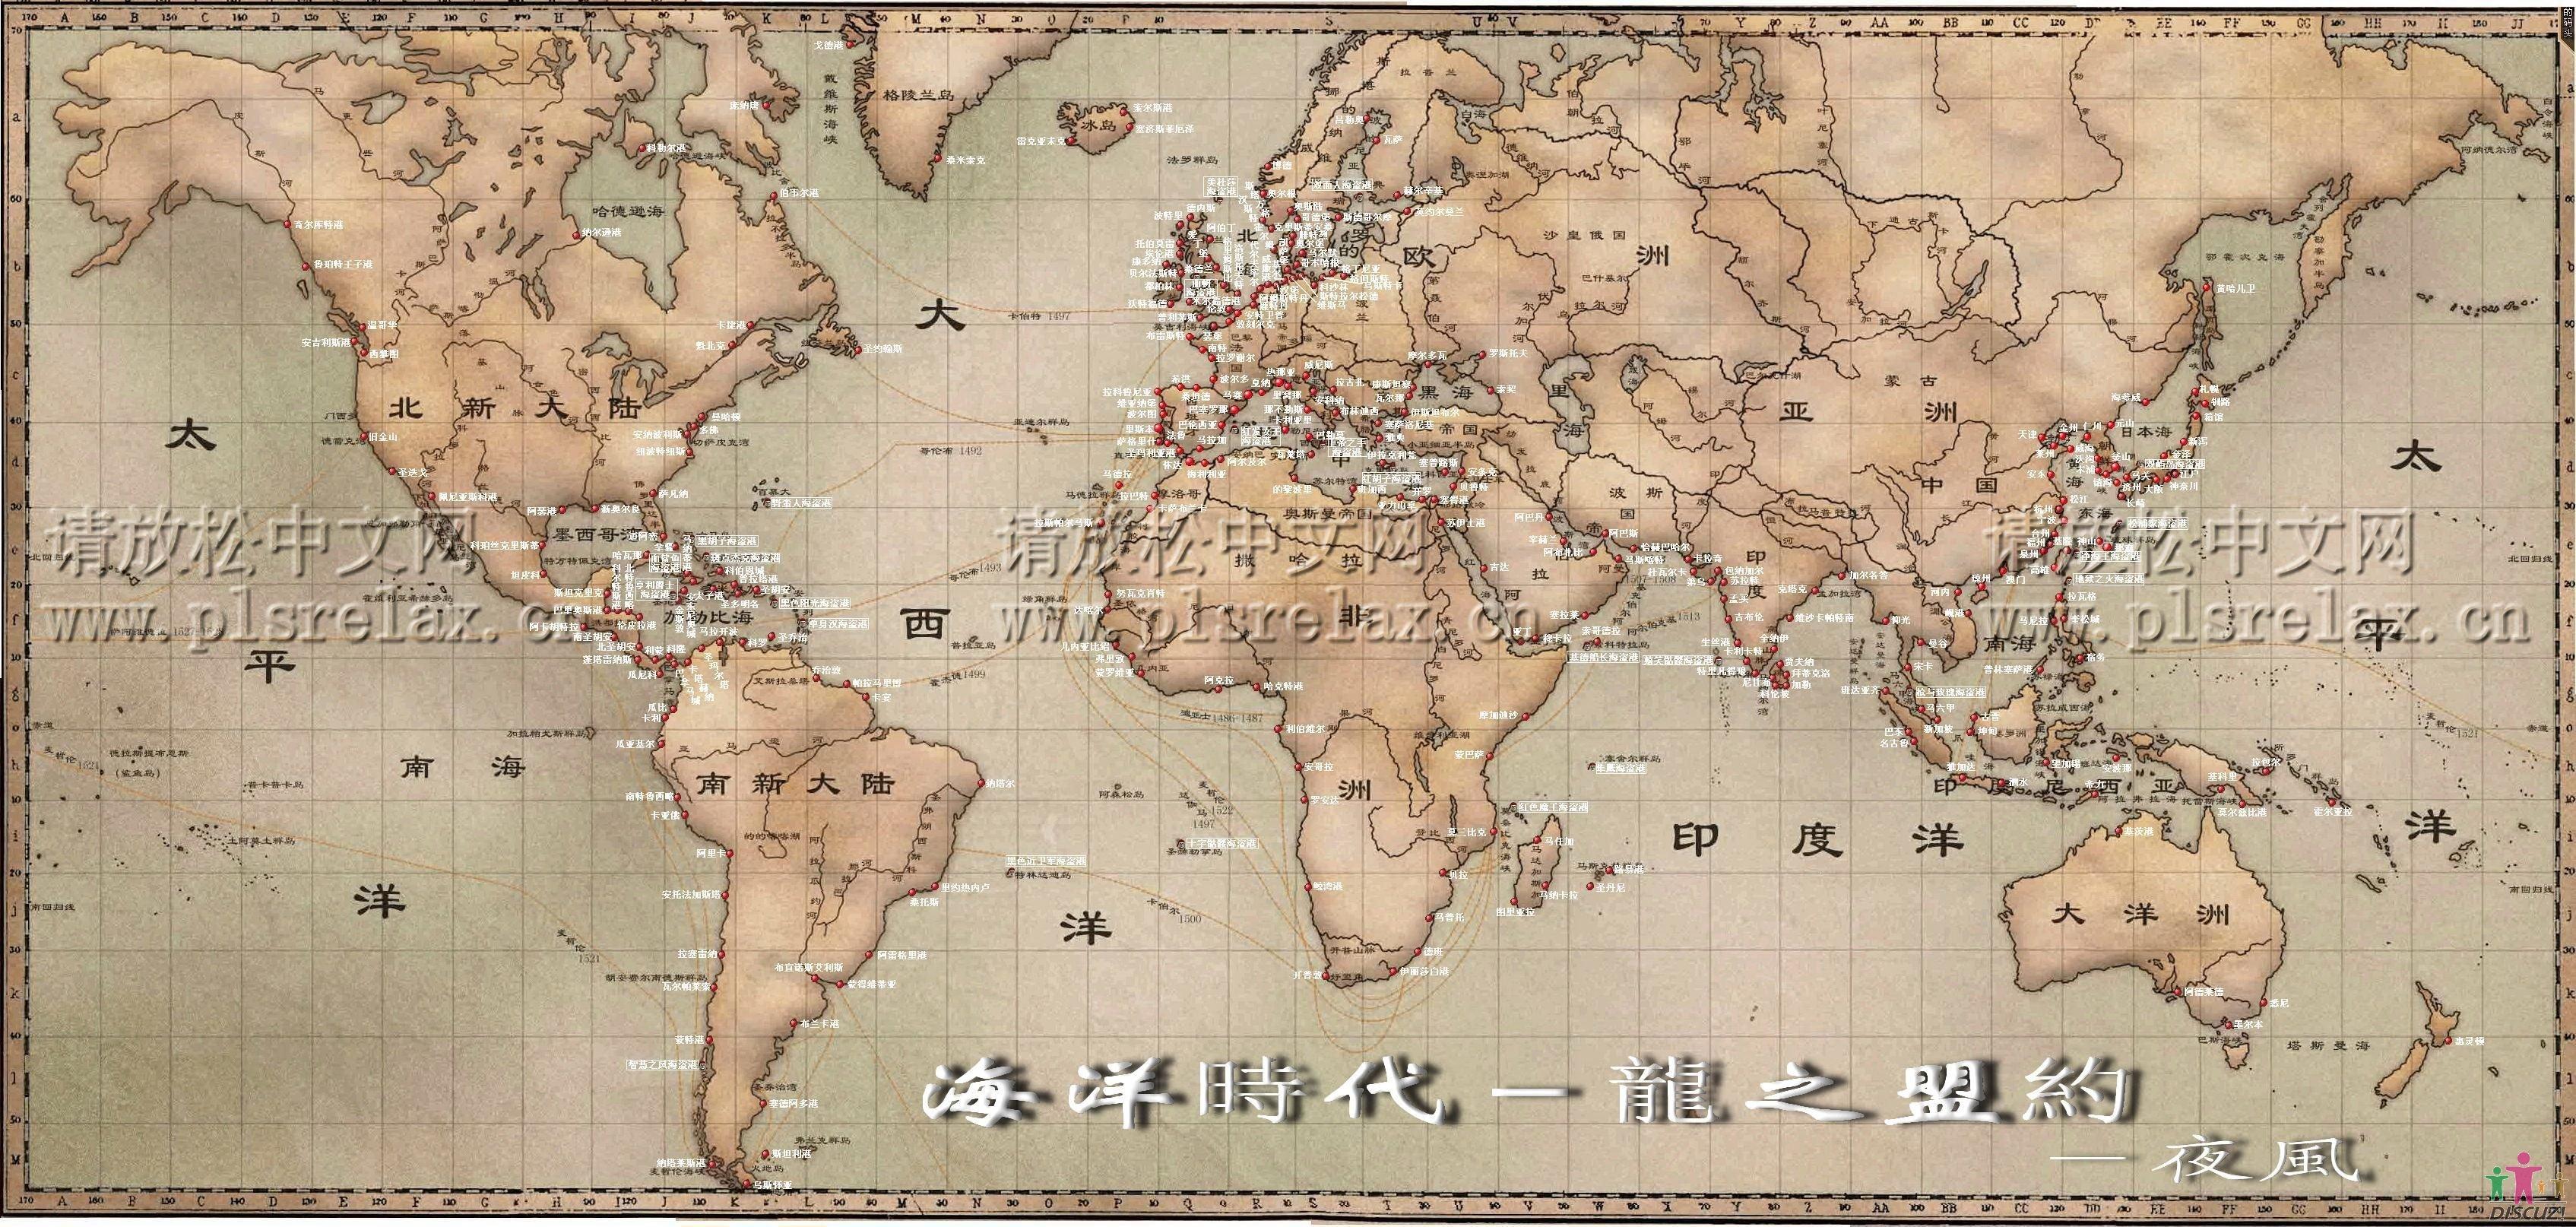 海洋地图_中国海洋地图